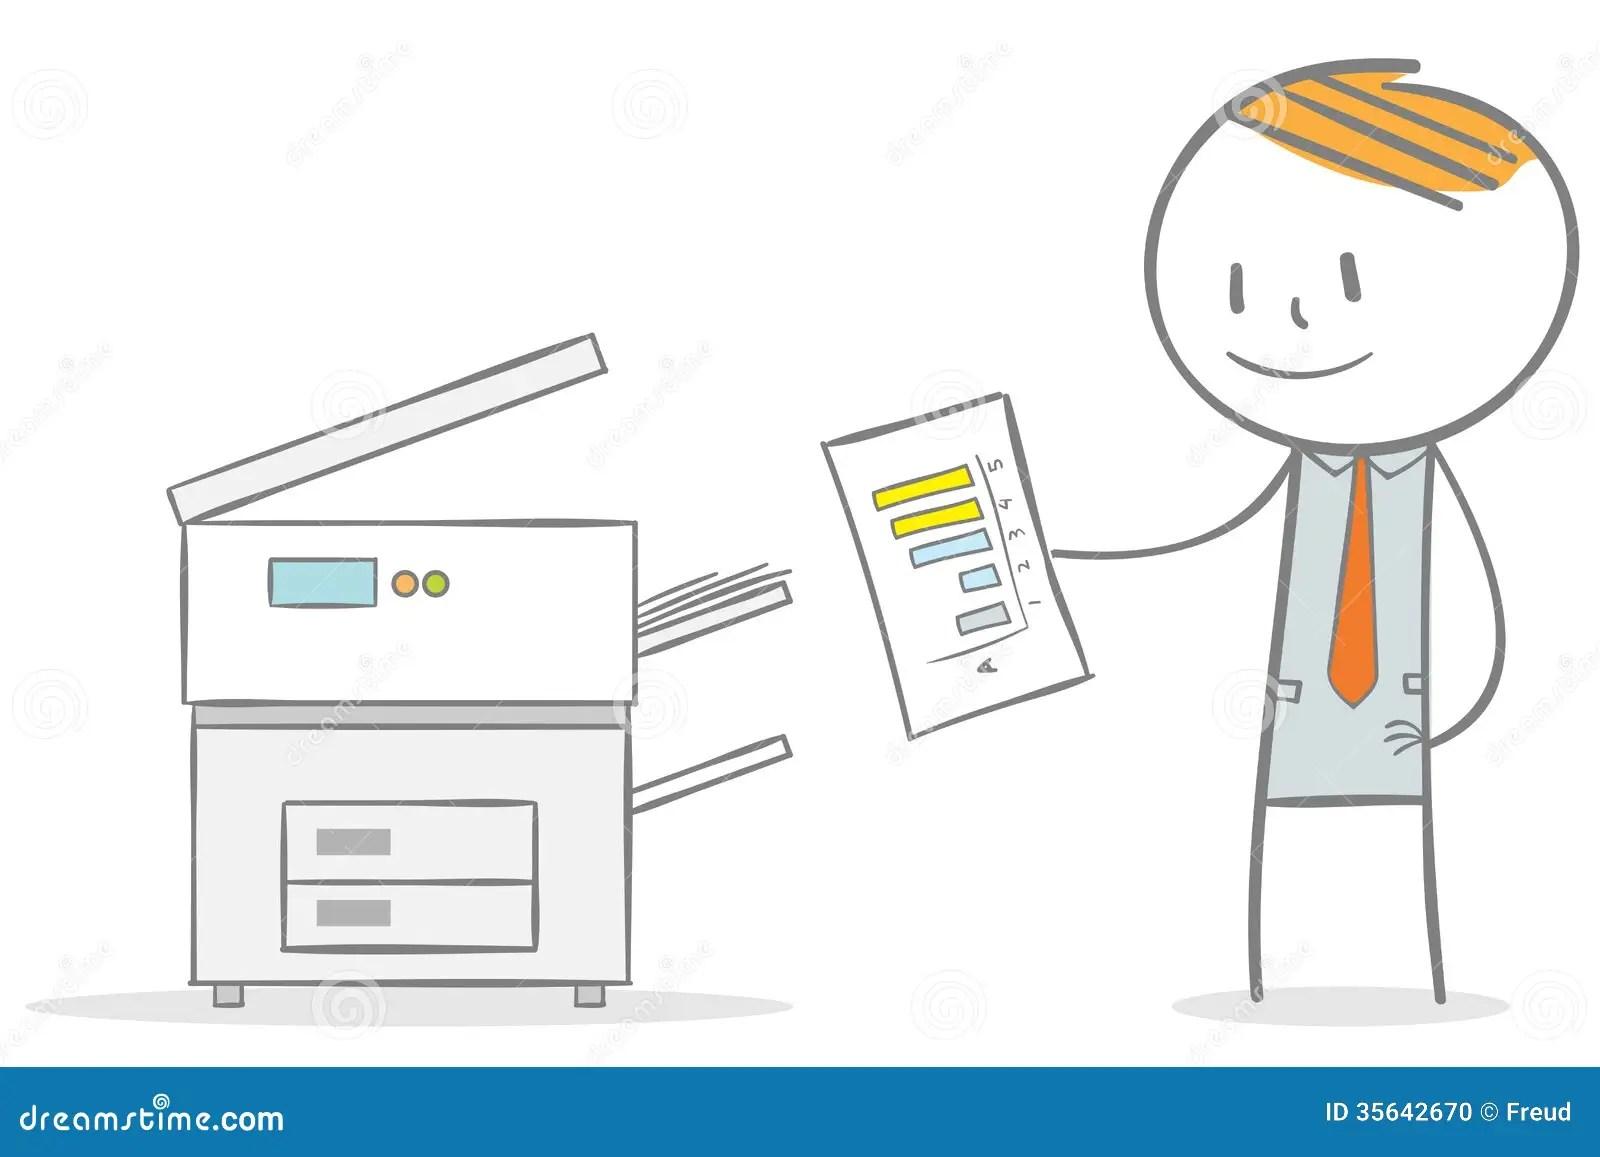 Photocopier Stock Photo